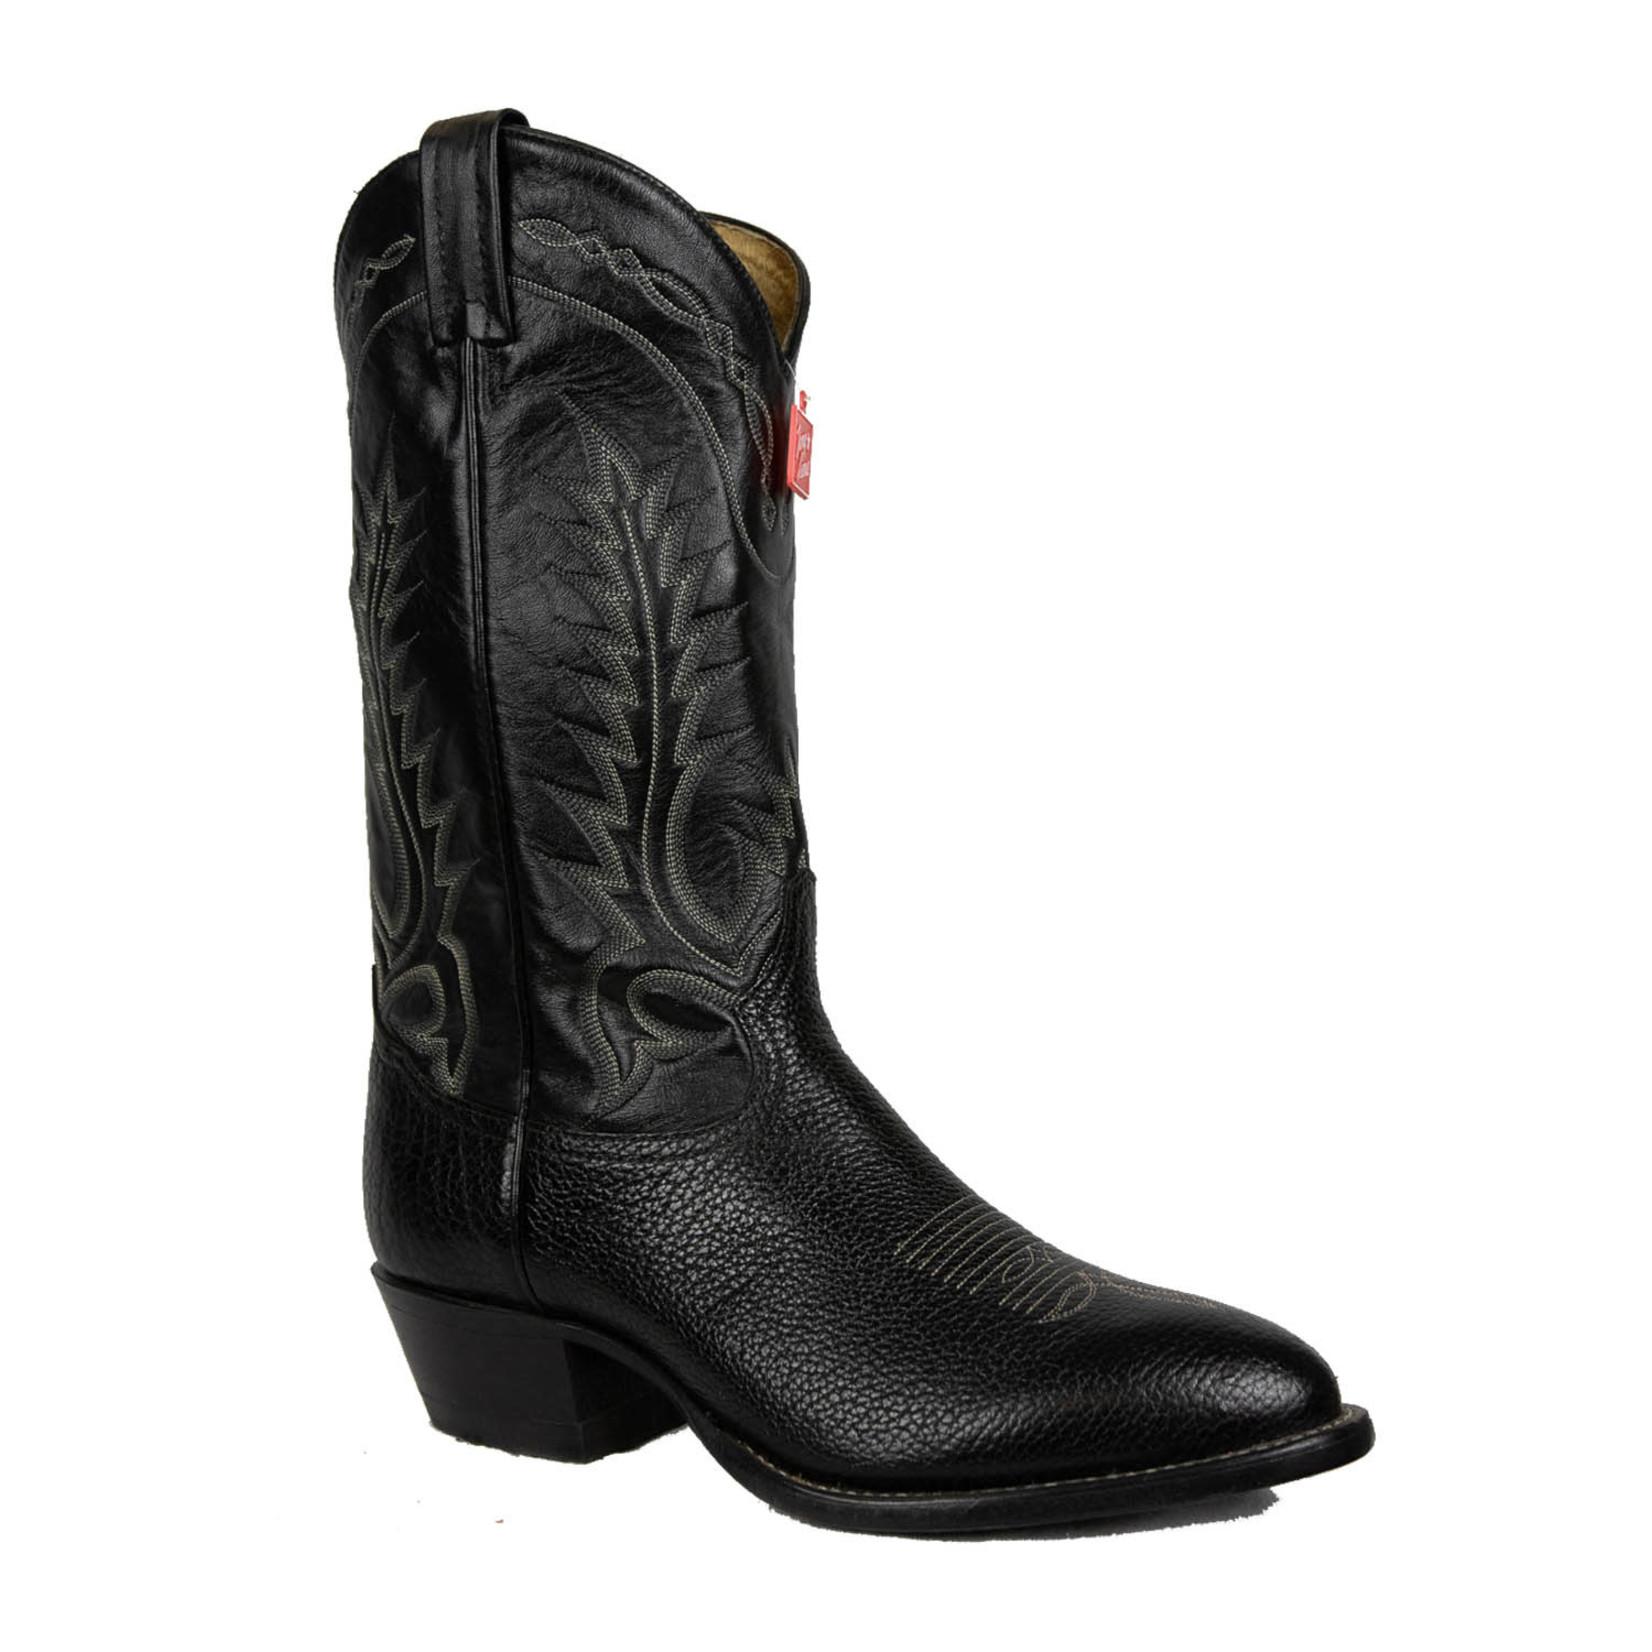 Tony Lama Tony Lama Men's Cowboy Boot